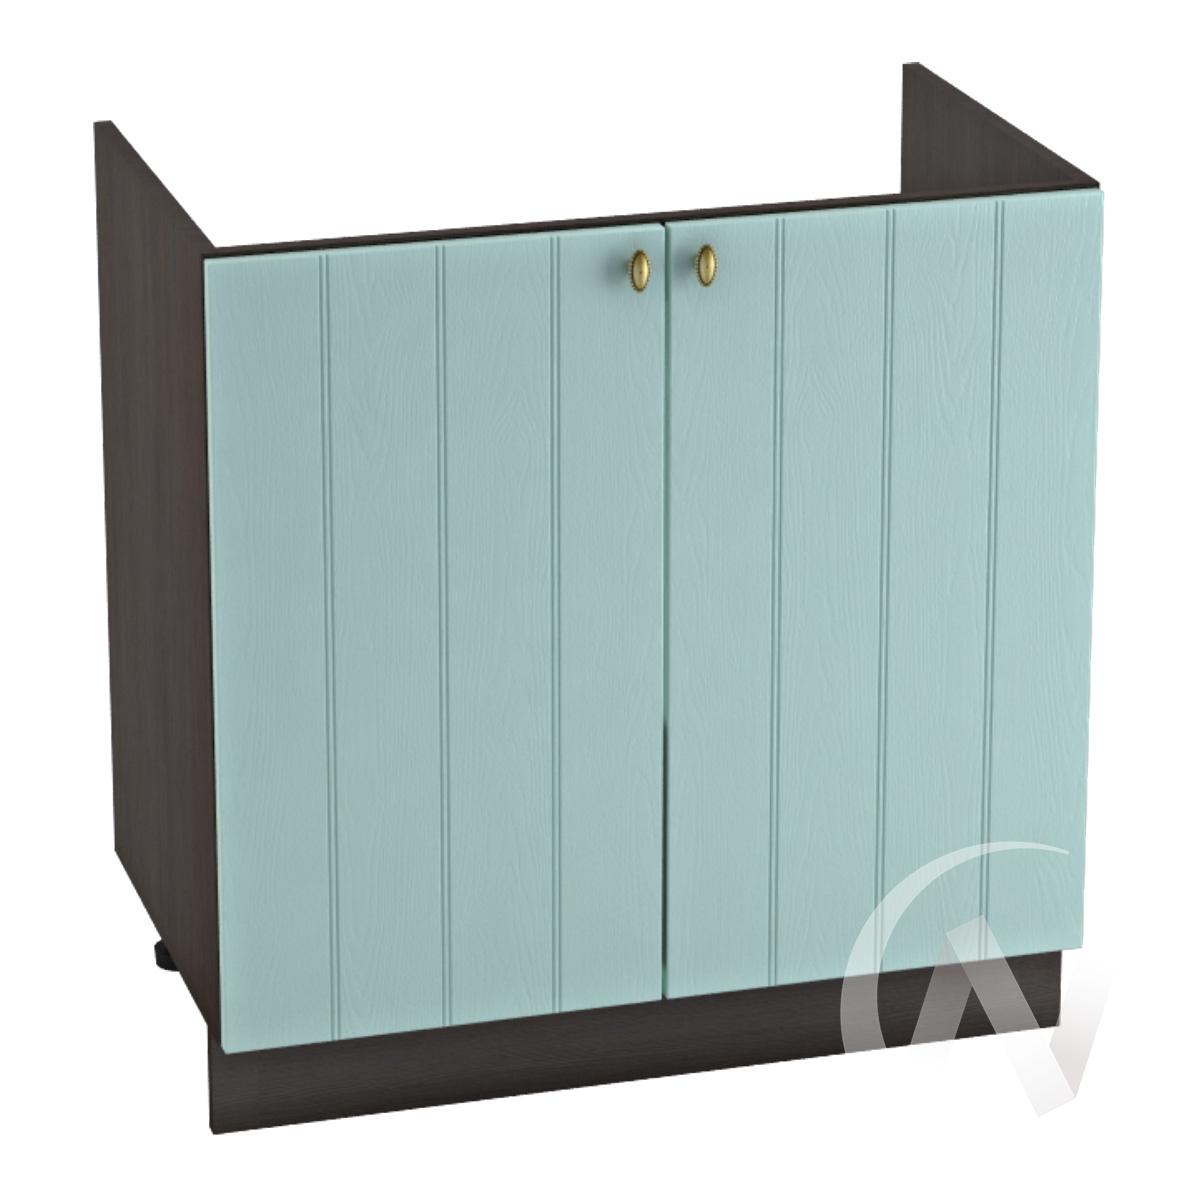 """Кухня """"Прованс"""": Шкаф нижний под мойку 800, ШНМ 800 новый (голубой/корпус венге)"""